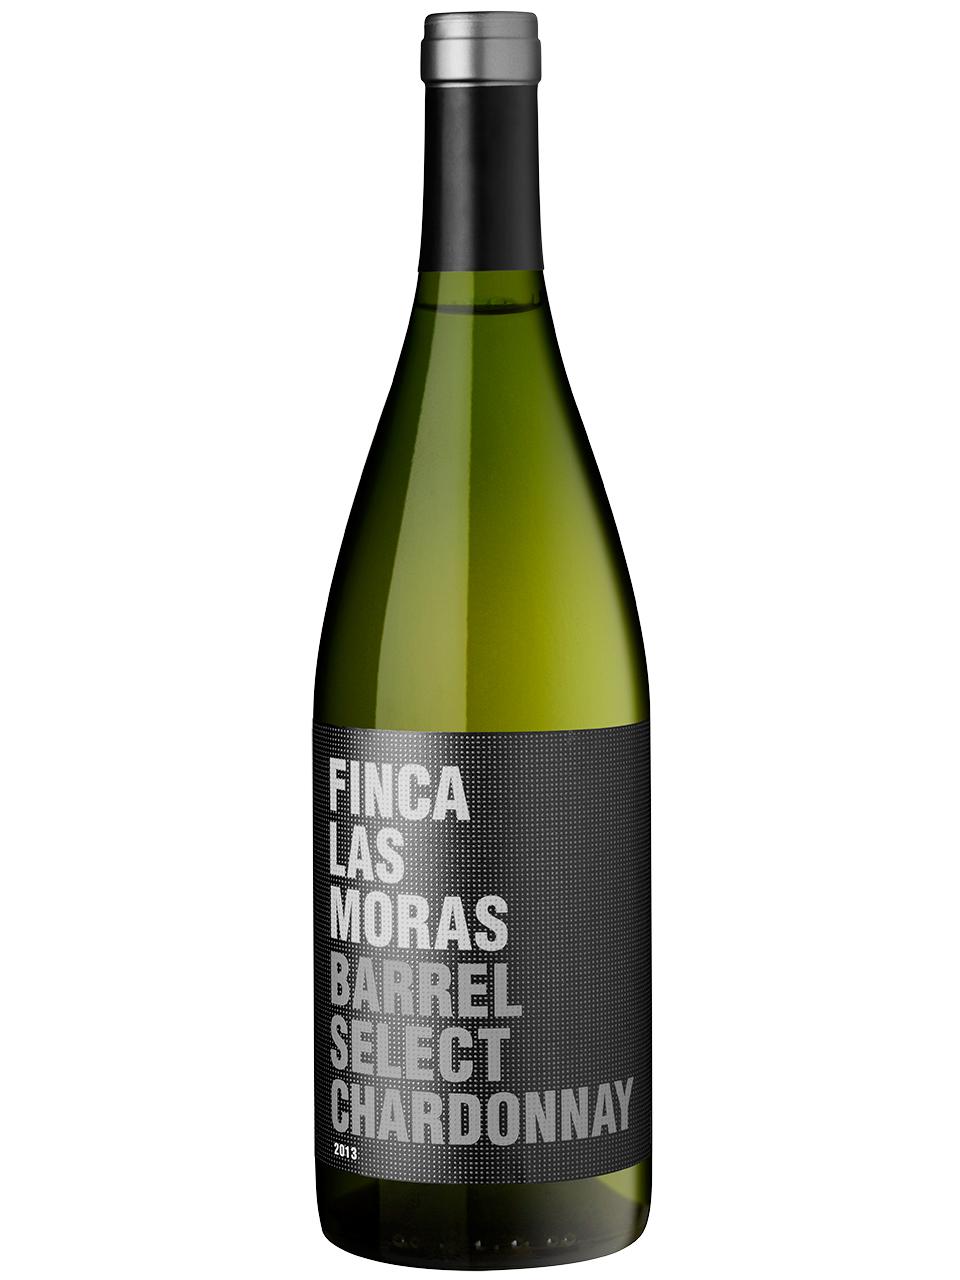 Las Moras Barrel Select Chardonnay